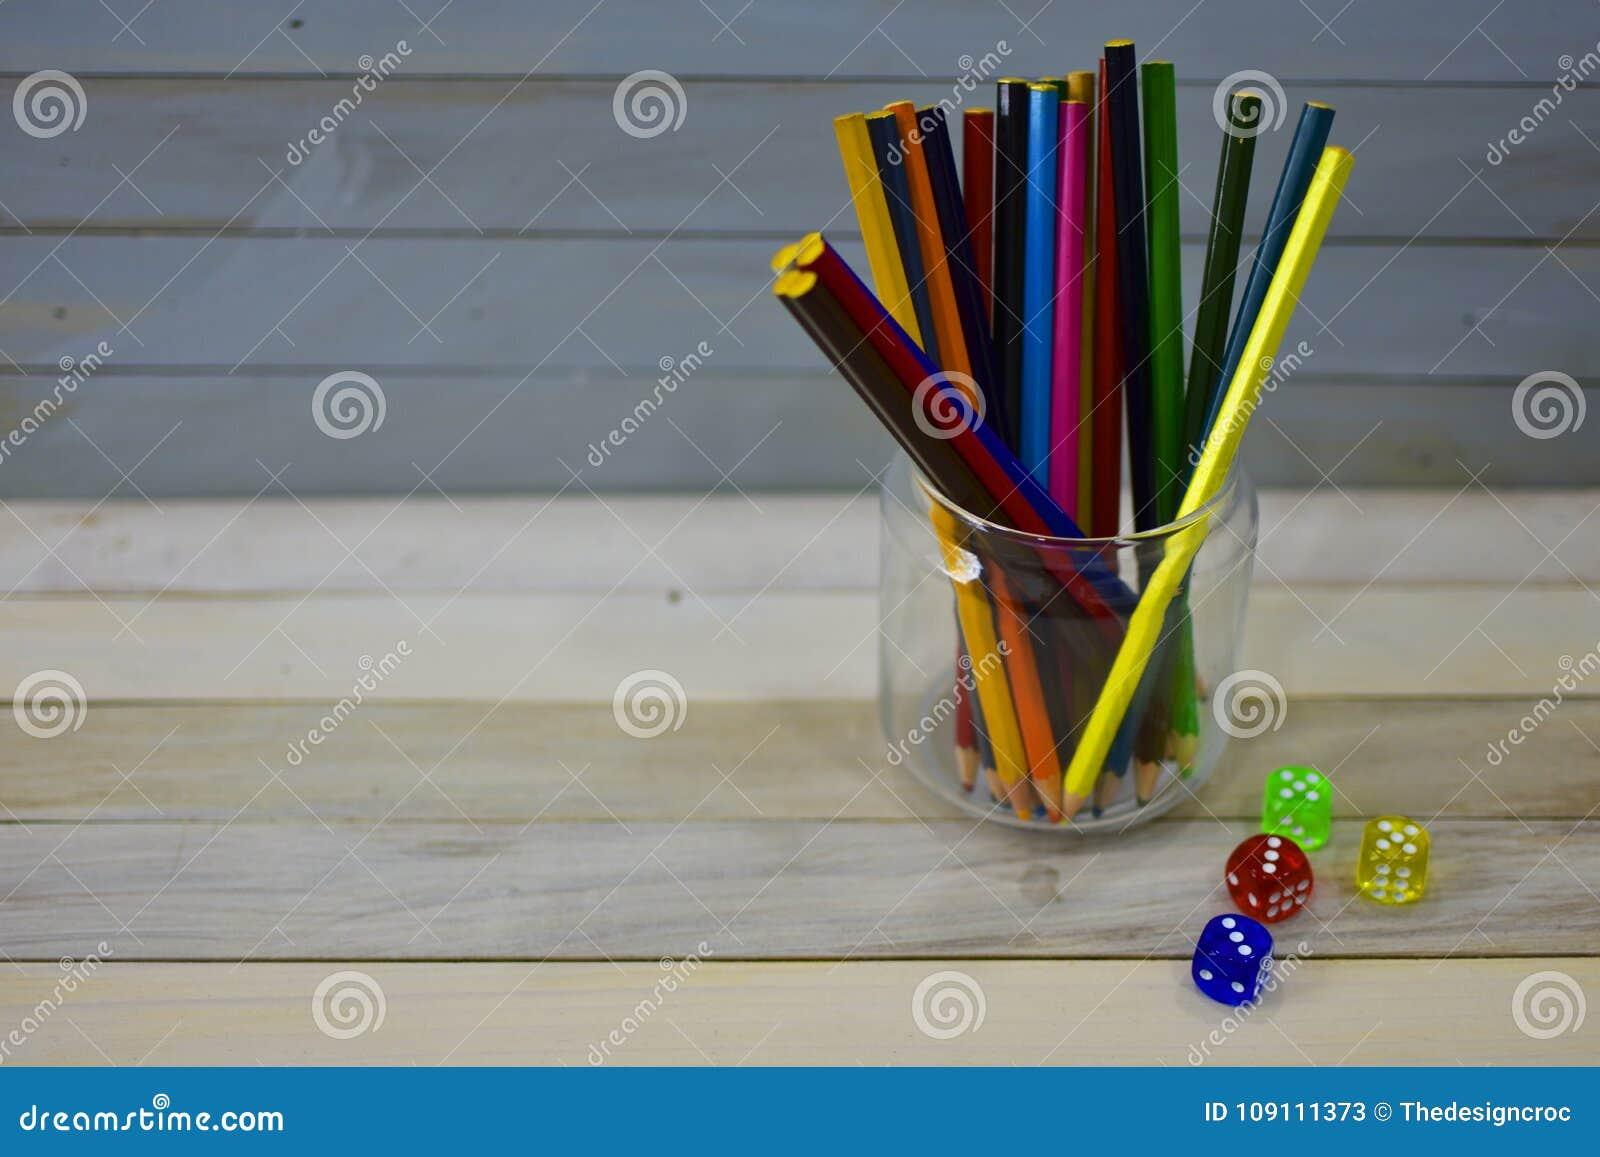 上色铅笔玻璃瓶子五颜六色的丙烯酸酯的模子木土气背景